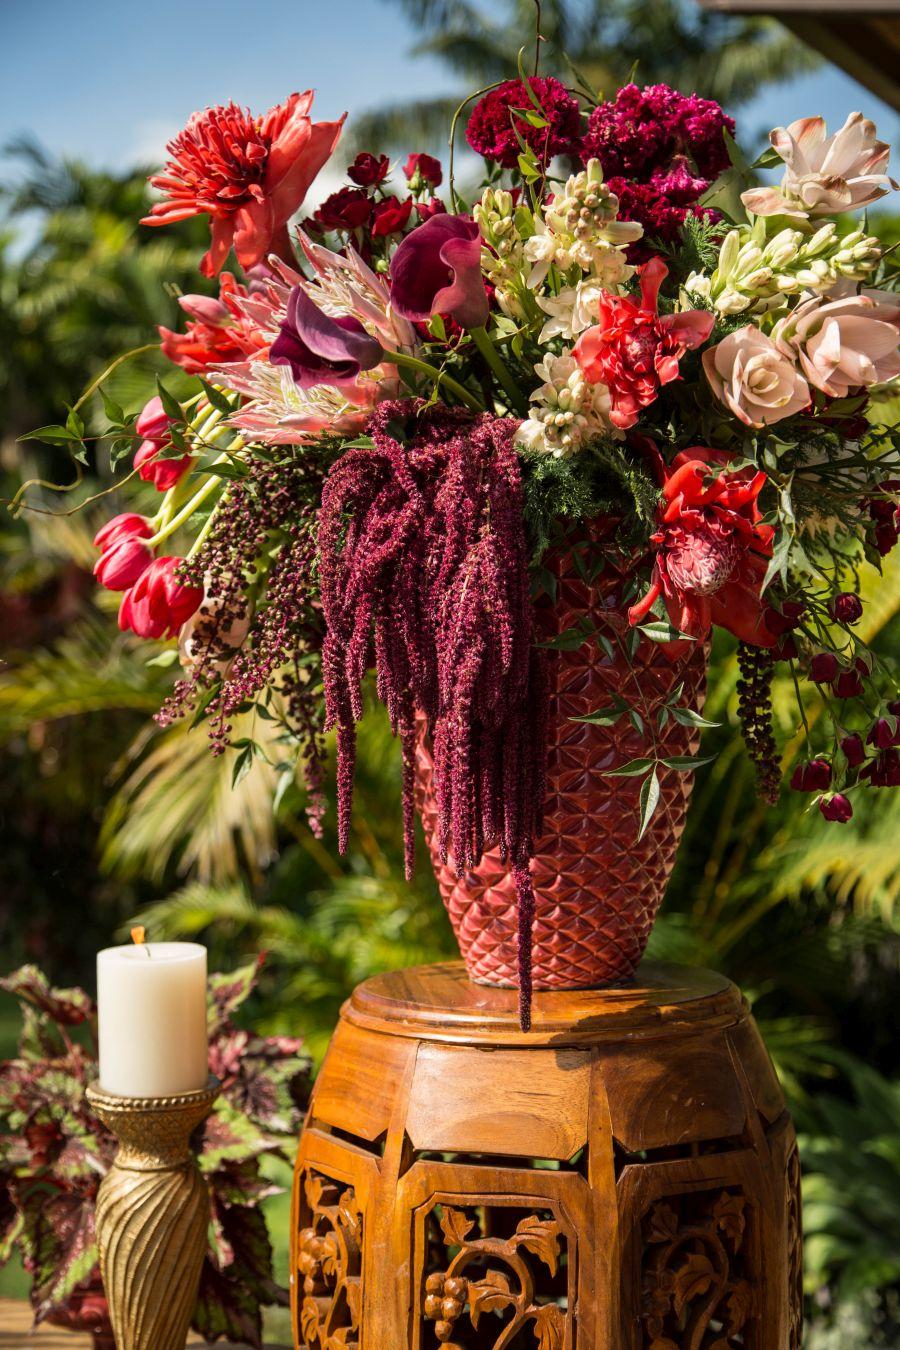 Decoração de casamento ao ar livre no RJ | Vaso de flores variadas, sobre aparador exposto ao ar livre no jardim, ao lado de vela decorativa.